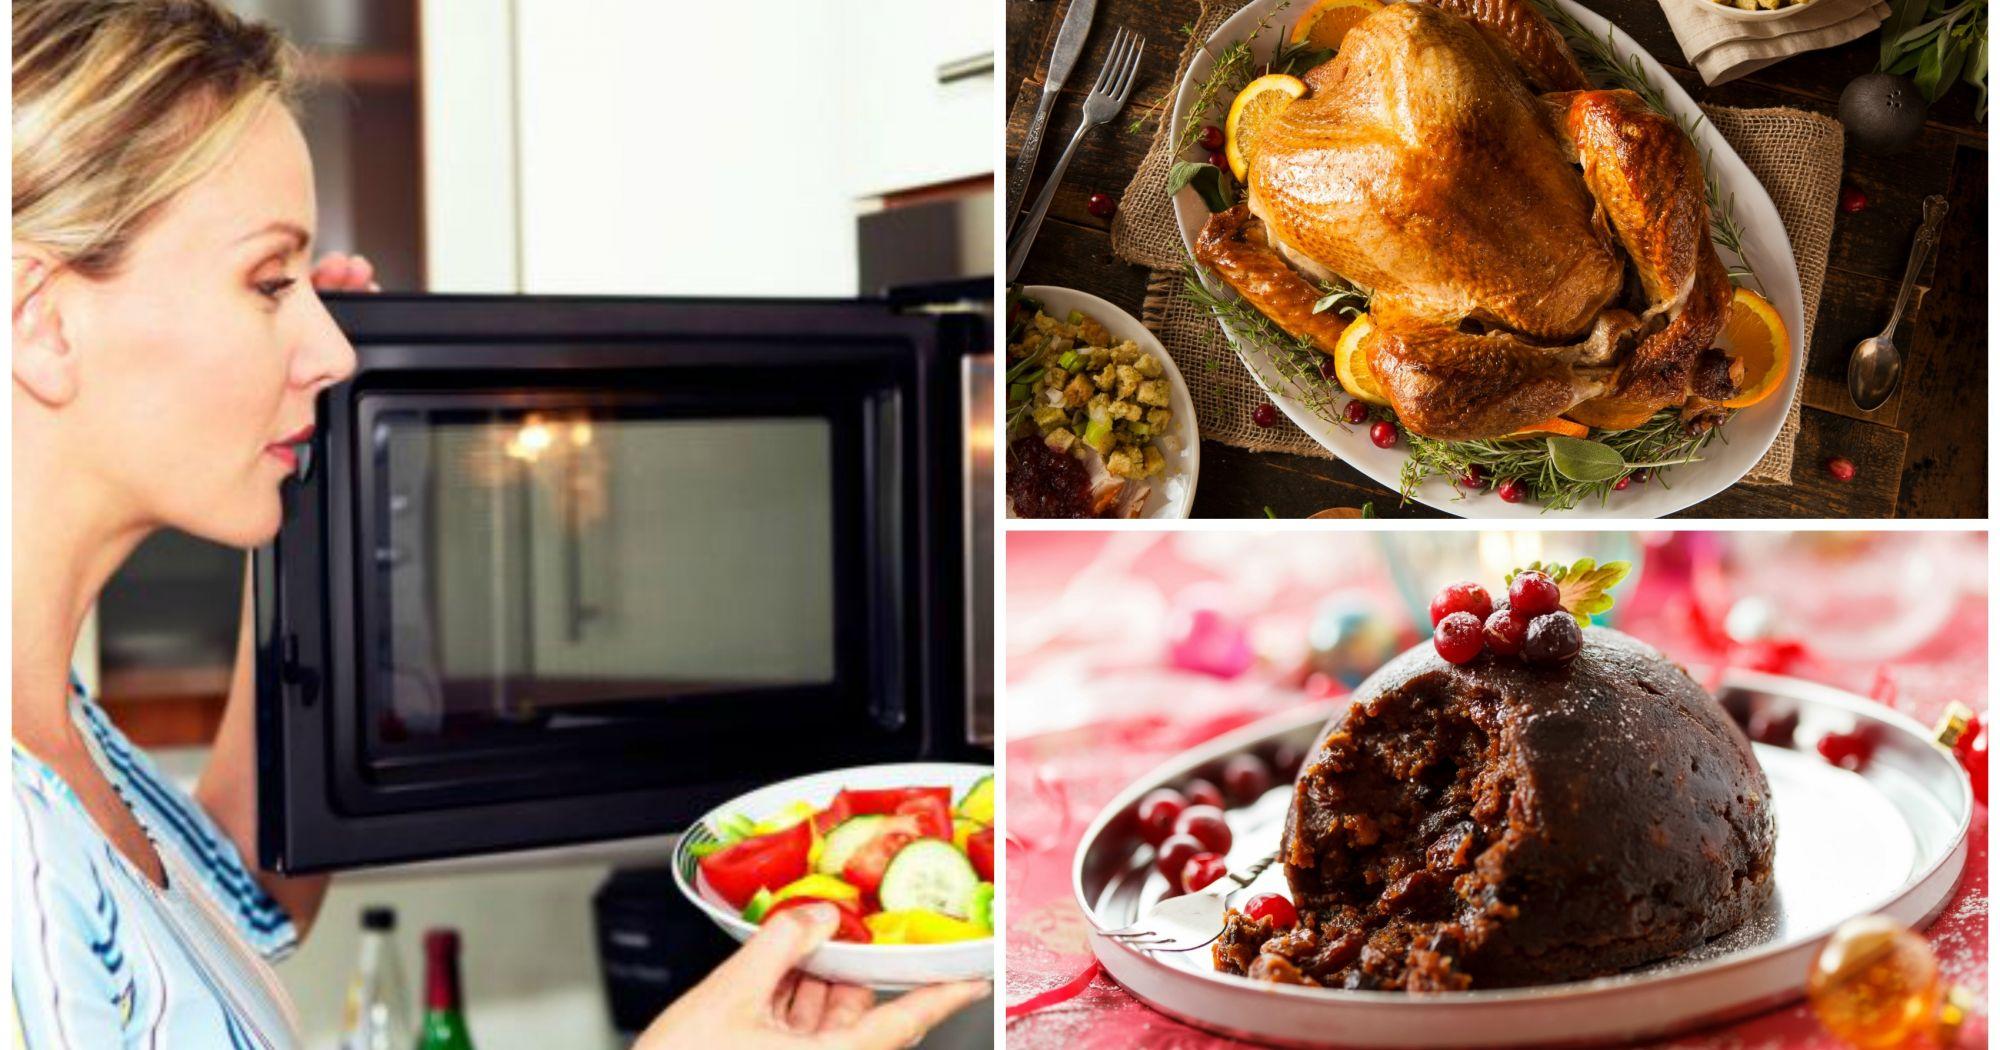 C mo cocinar tu cena de navidad en el microondas - Cocinar en el microondas ...